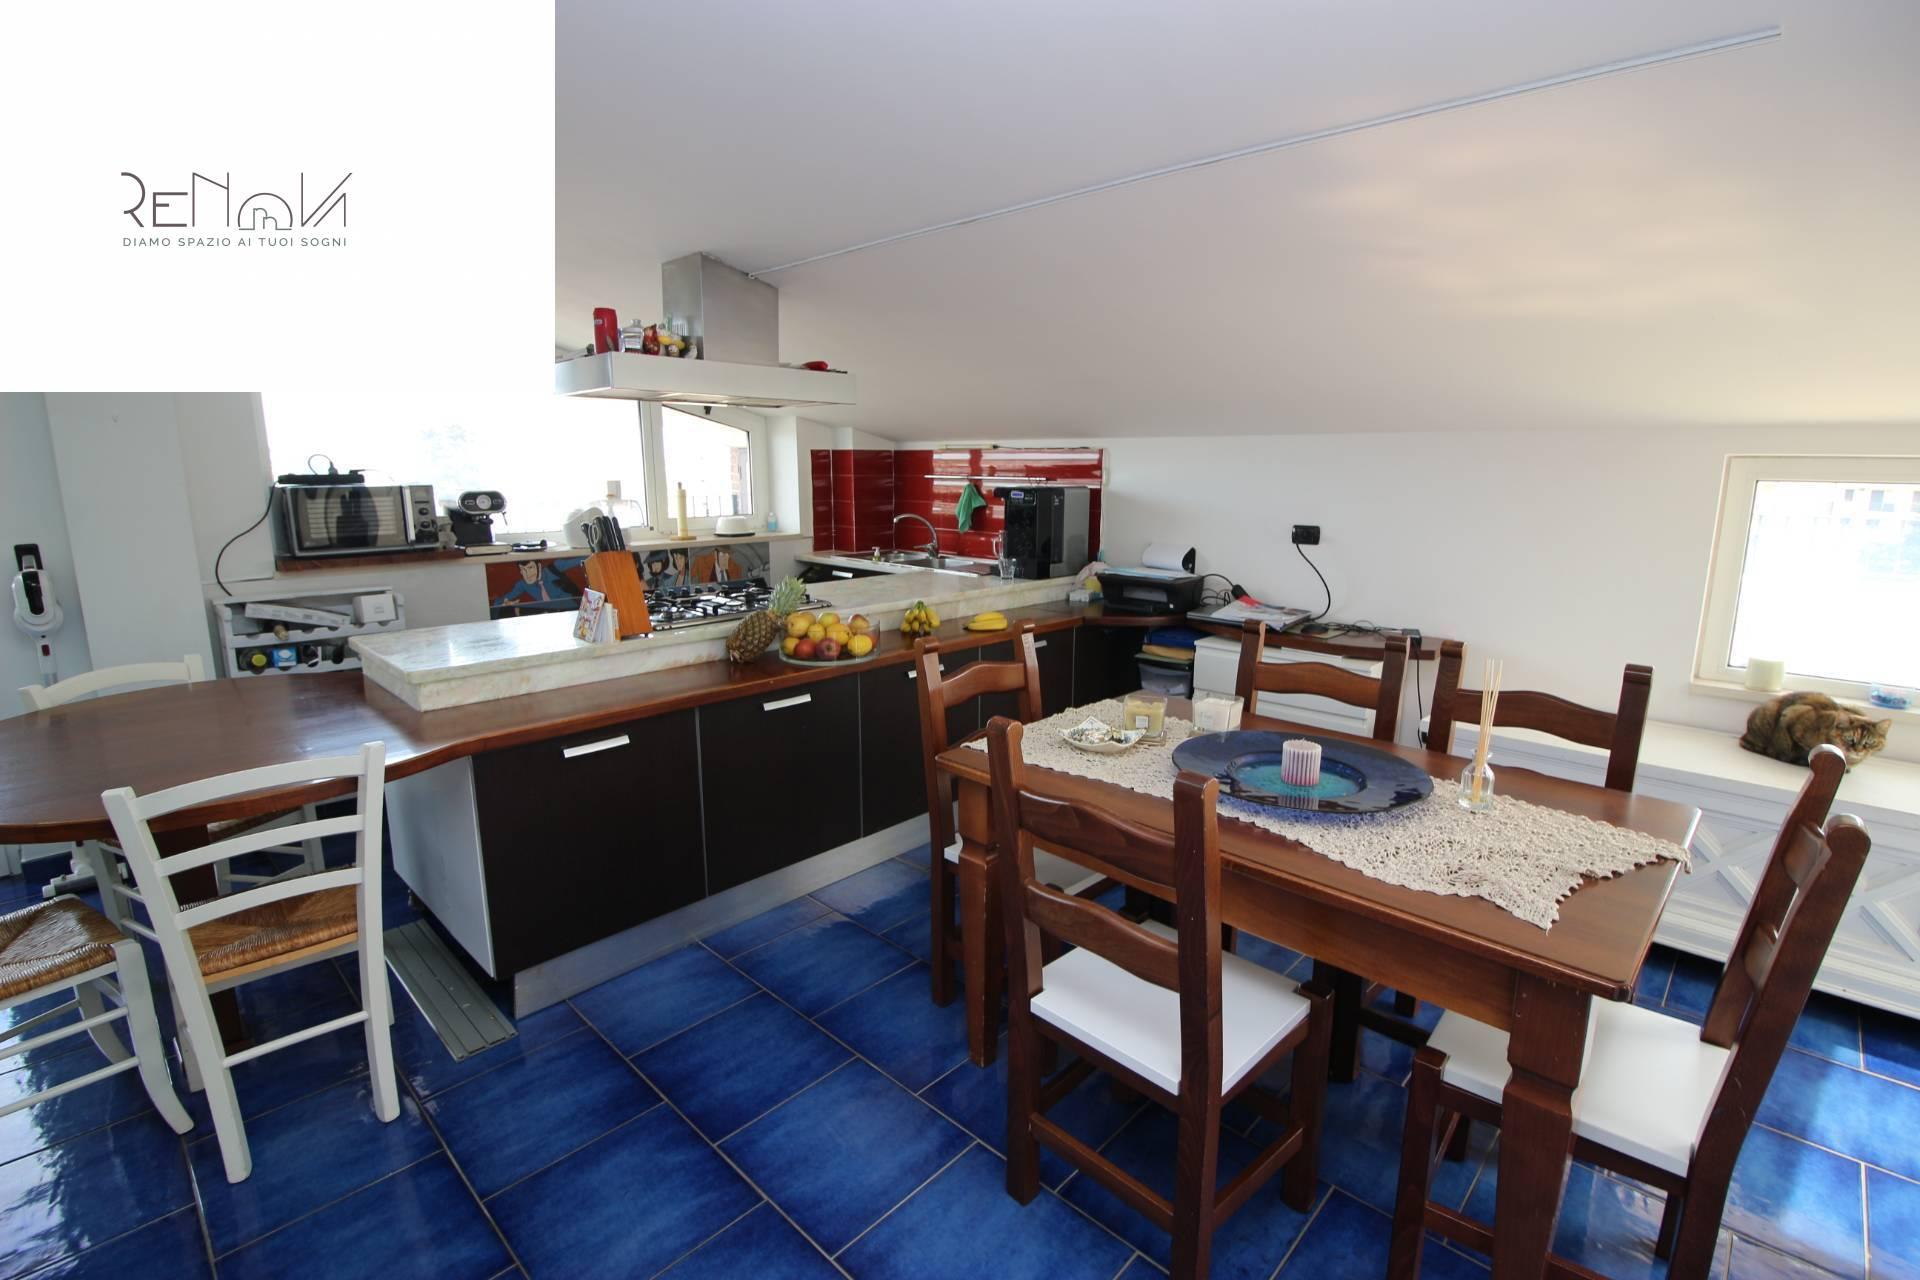 Appartamento in vendita a Tortoreto, 3 locali, prezzo € 123.000 | PortaleAgenzieImmobiliari.it